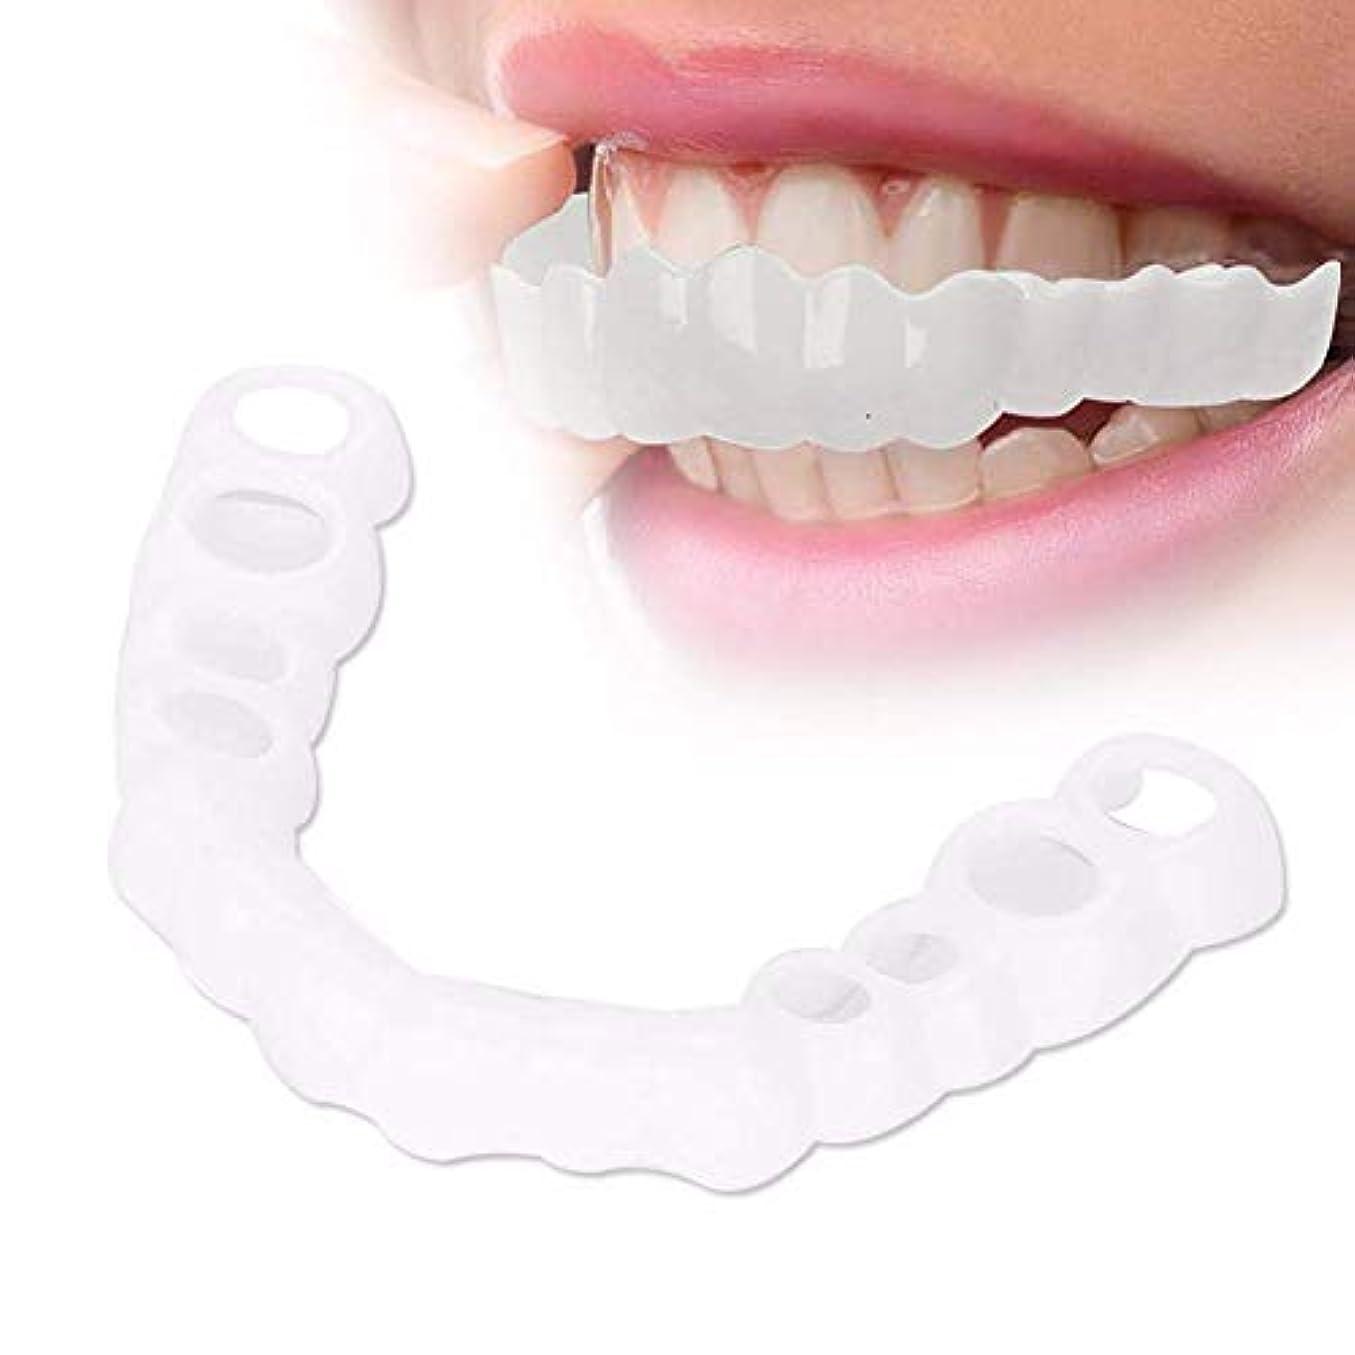 克服する部分魔術師一時的な笑顔の快適さフィット化粧品の歯義歯のベニヤの歯快適さのフィットフレックス化粧品の歯の歯のベニア(上の歯)